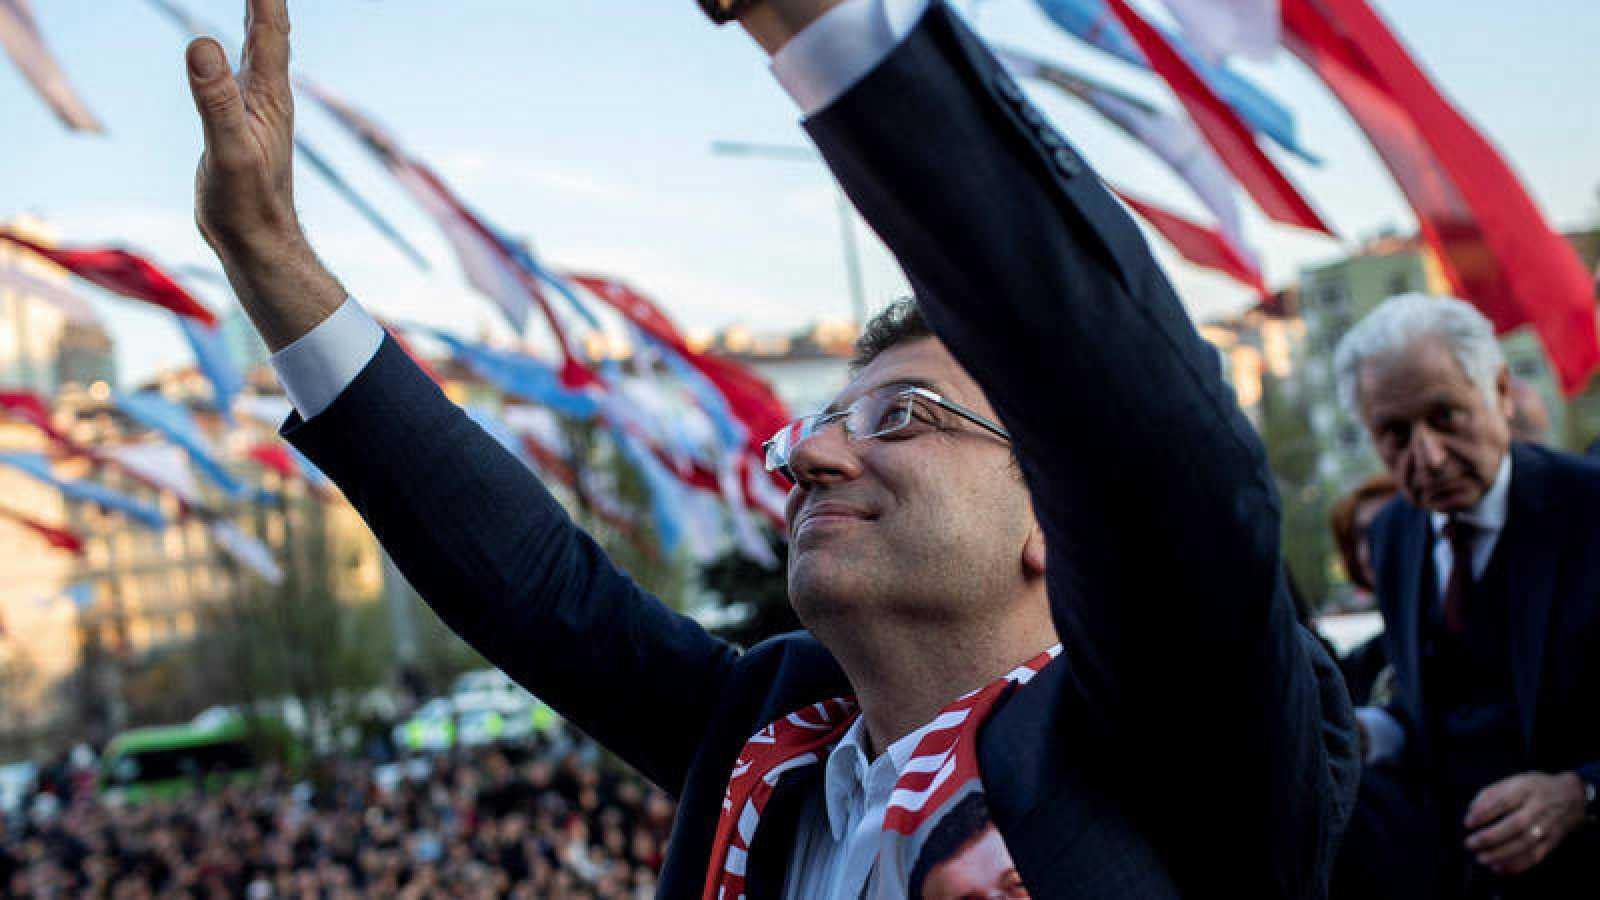 El nuevo alcalde electo de Estambul, Ekrem Imamoglu.